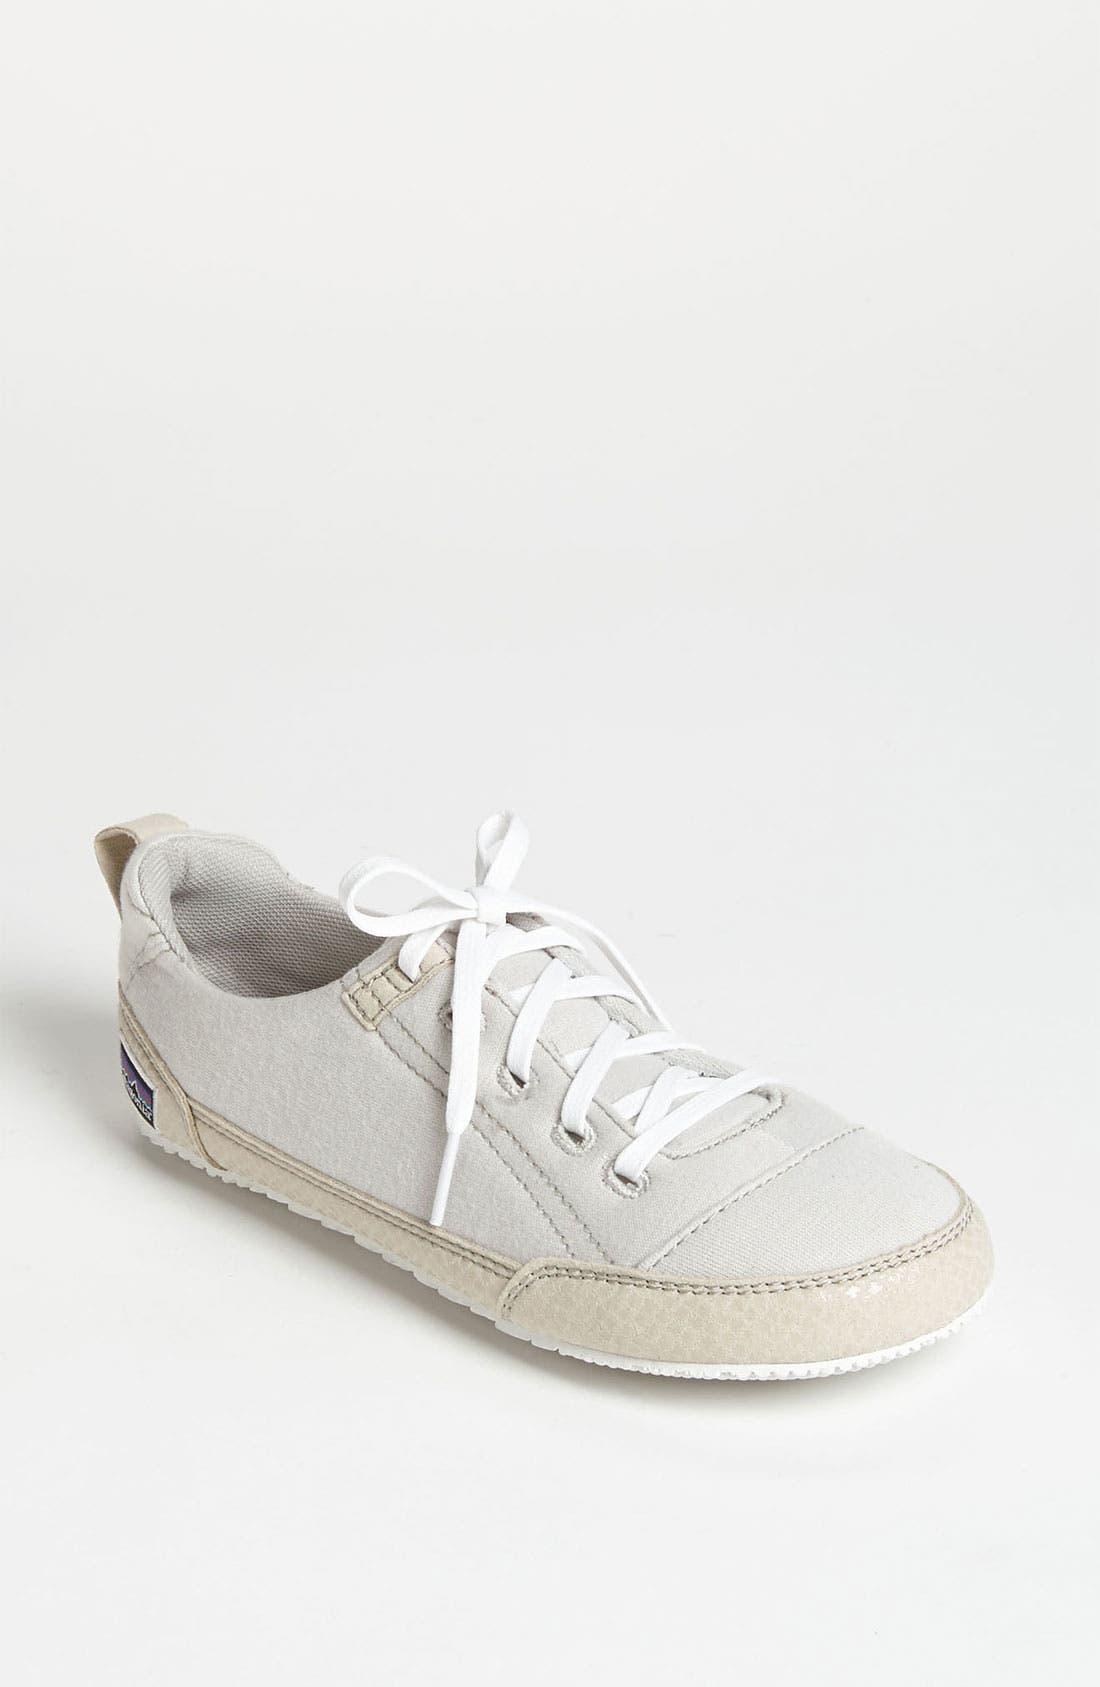 Main Image - Patagonia 'Advocate' Sneaker (Women)